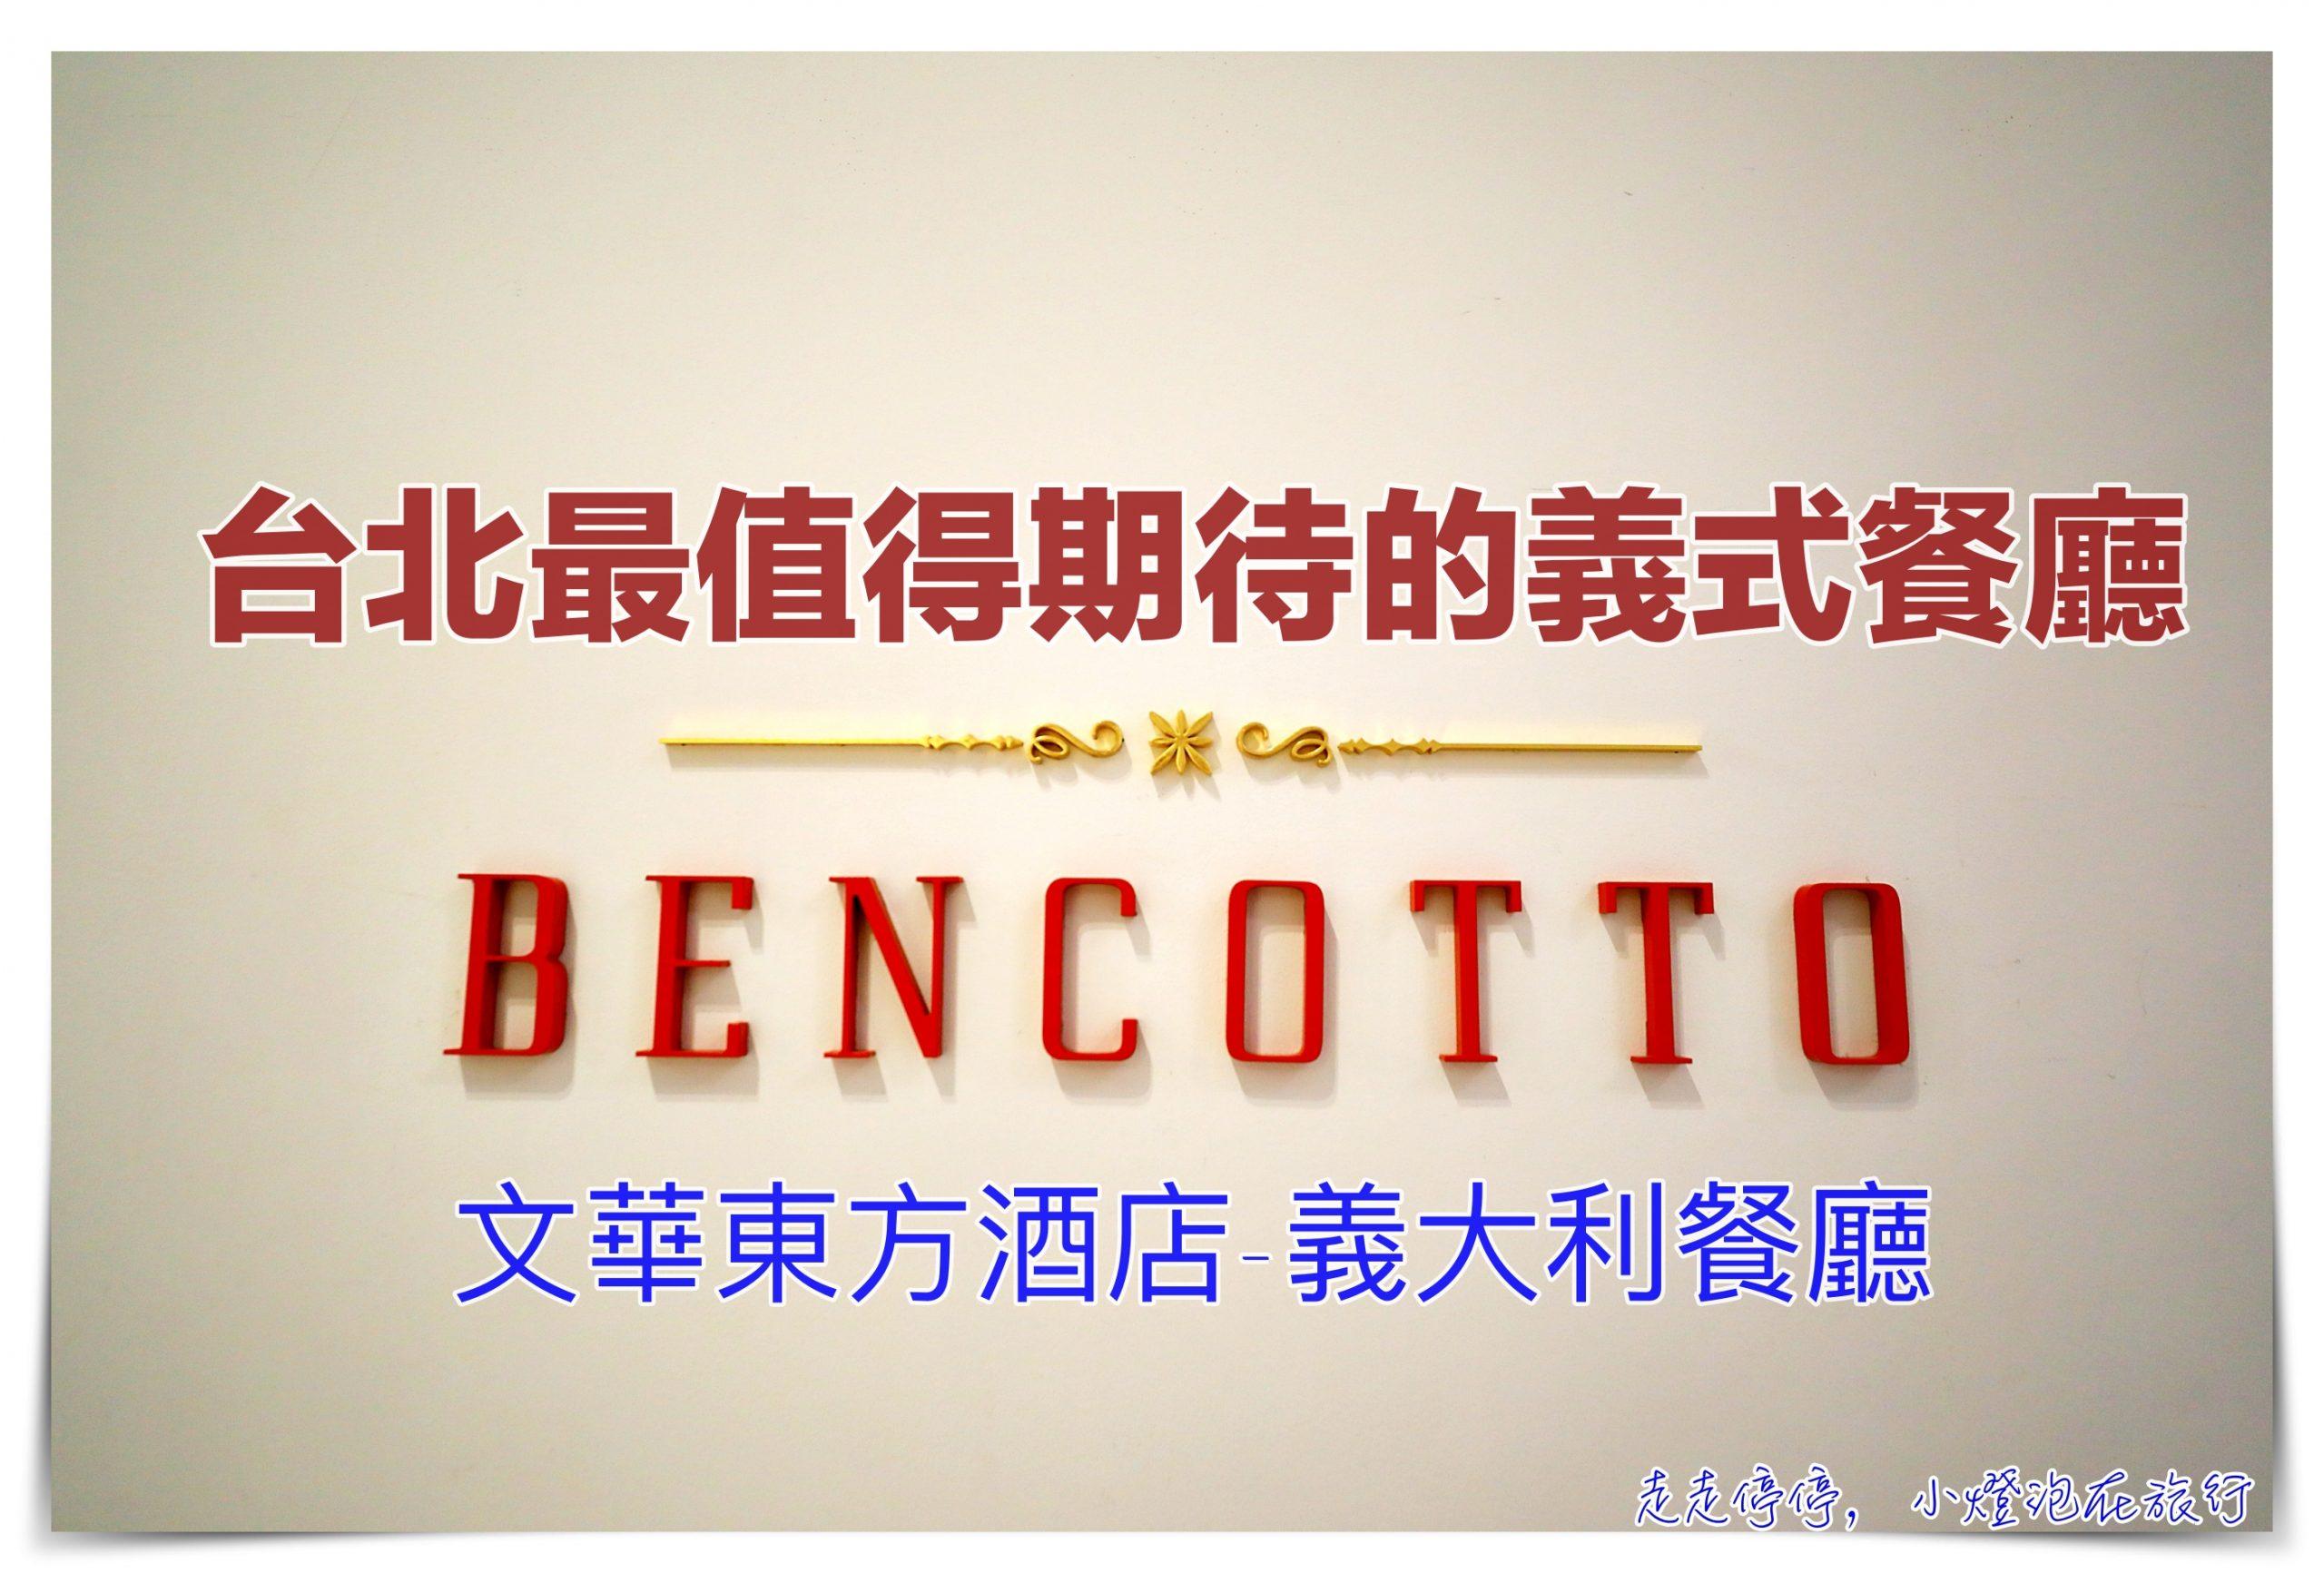 Bencotto|台北最值得期待義大利餐廳,文華東方酒店質感用餐 @走走停停,小燈泡在旅行